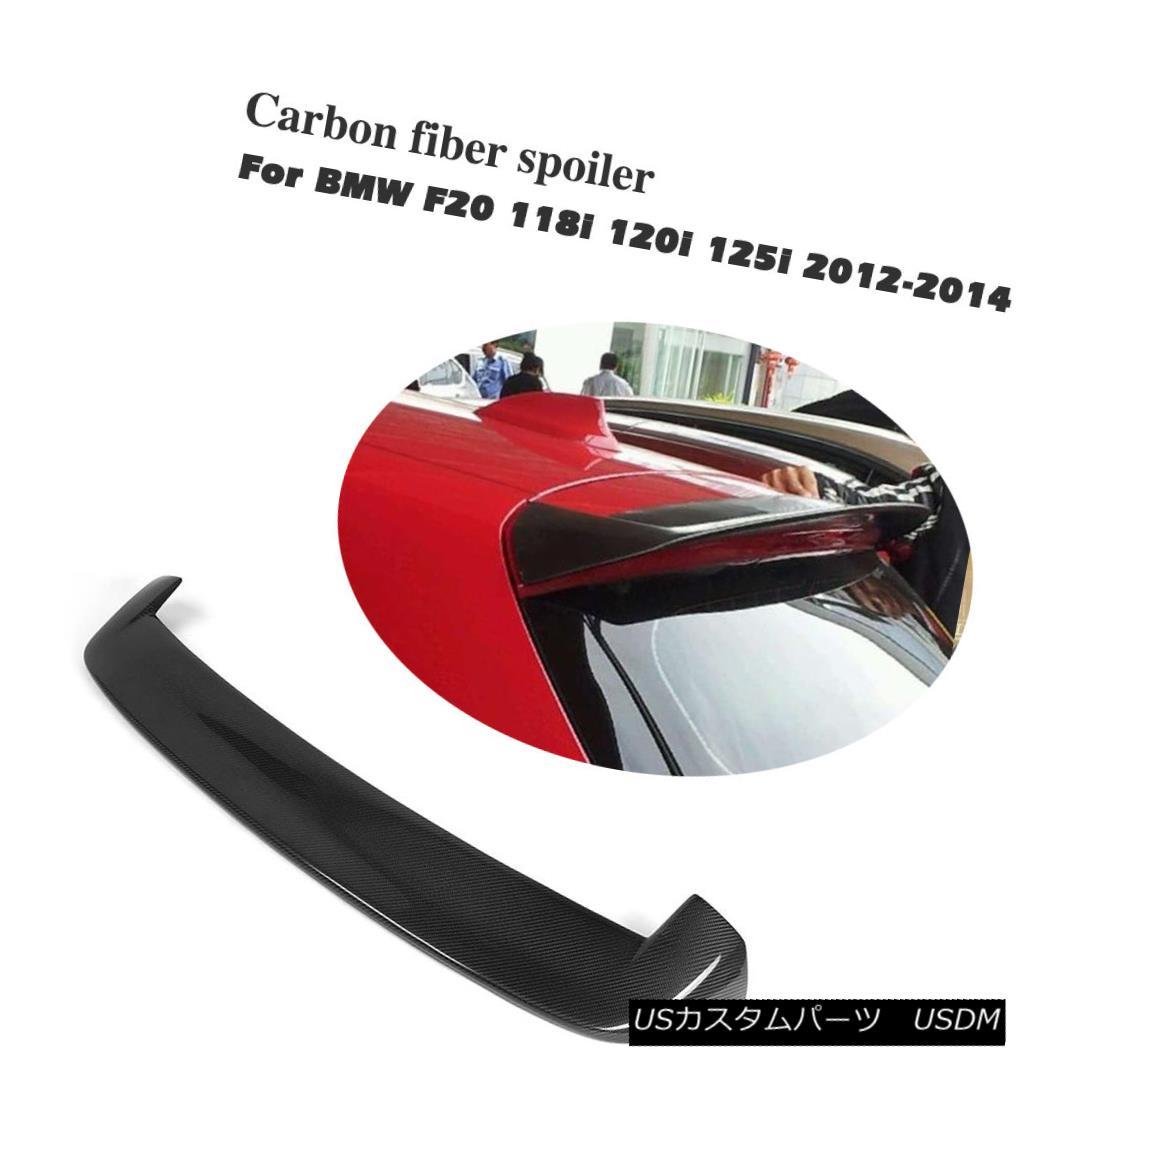 エアロパーツ Carbon Fiber Rear Window Spoiler Boot Roof Wings Fit for BMW 1 Series F20 12-14 BMW 1シリーズF20 12-14用カーボンファイバーリアウインドウ・スポイラー・ブーツ・ルーフ・ウイング